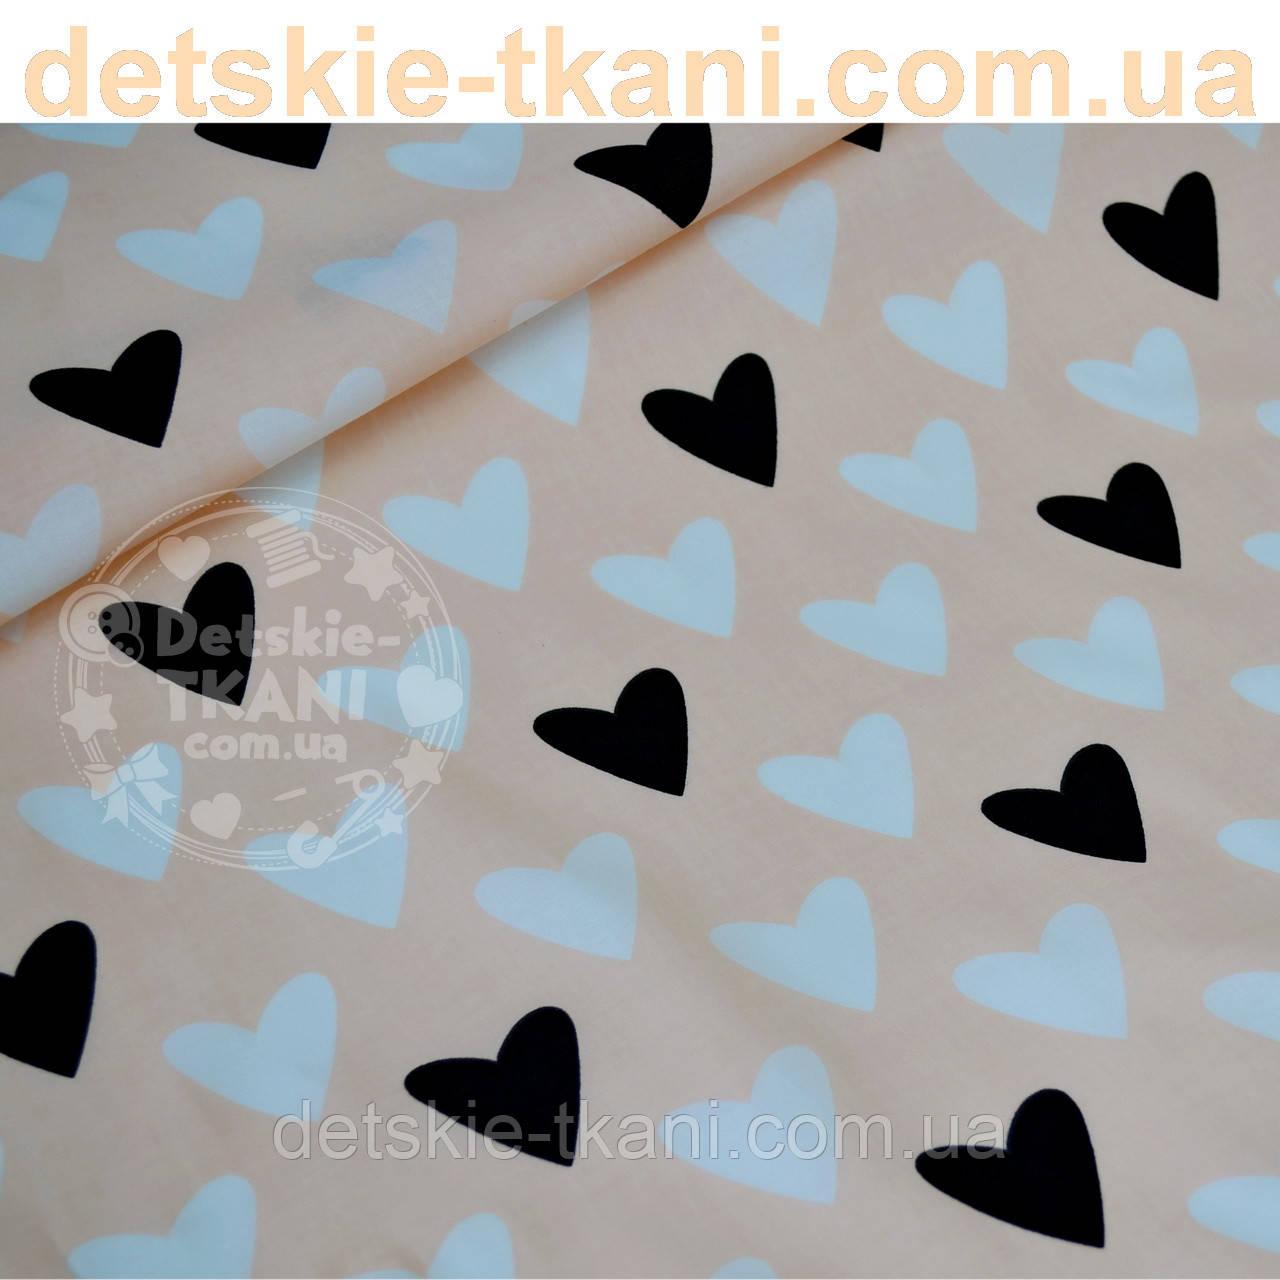 Ткань хлопковая с чёрными и белыми сердцами на пудре (№ 650а). - Детские ткани оптом и в розницу в Волынской области